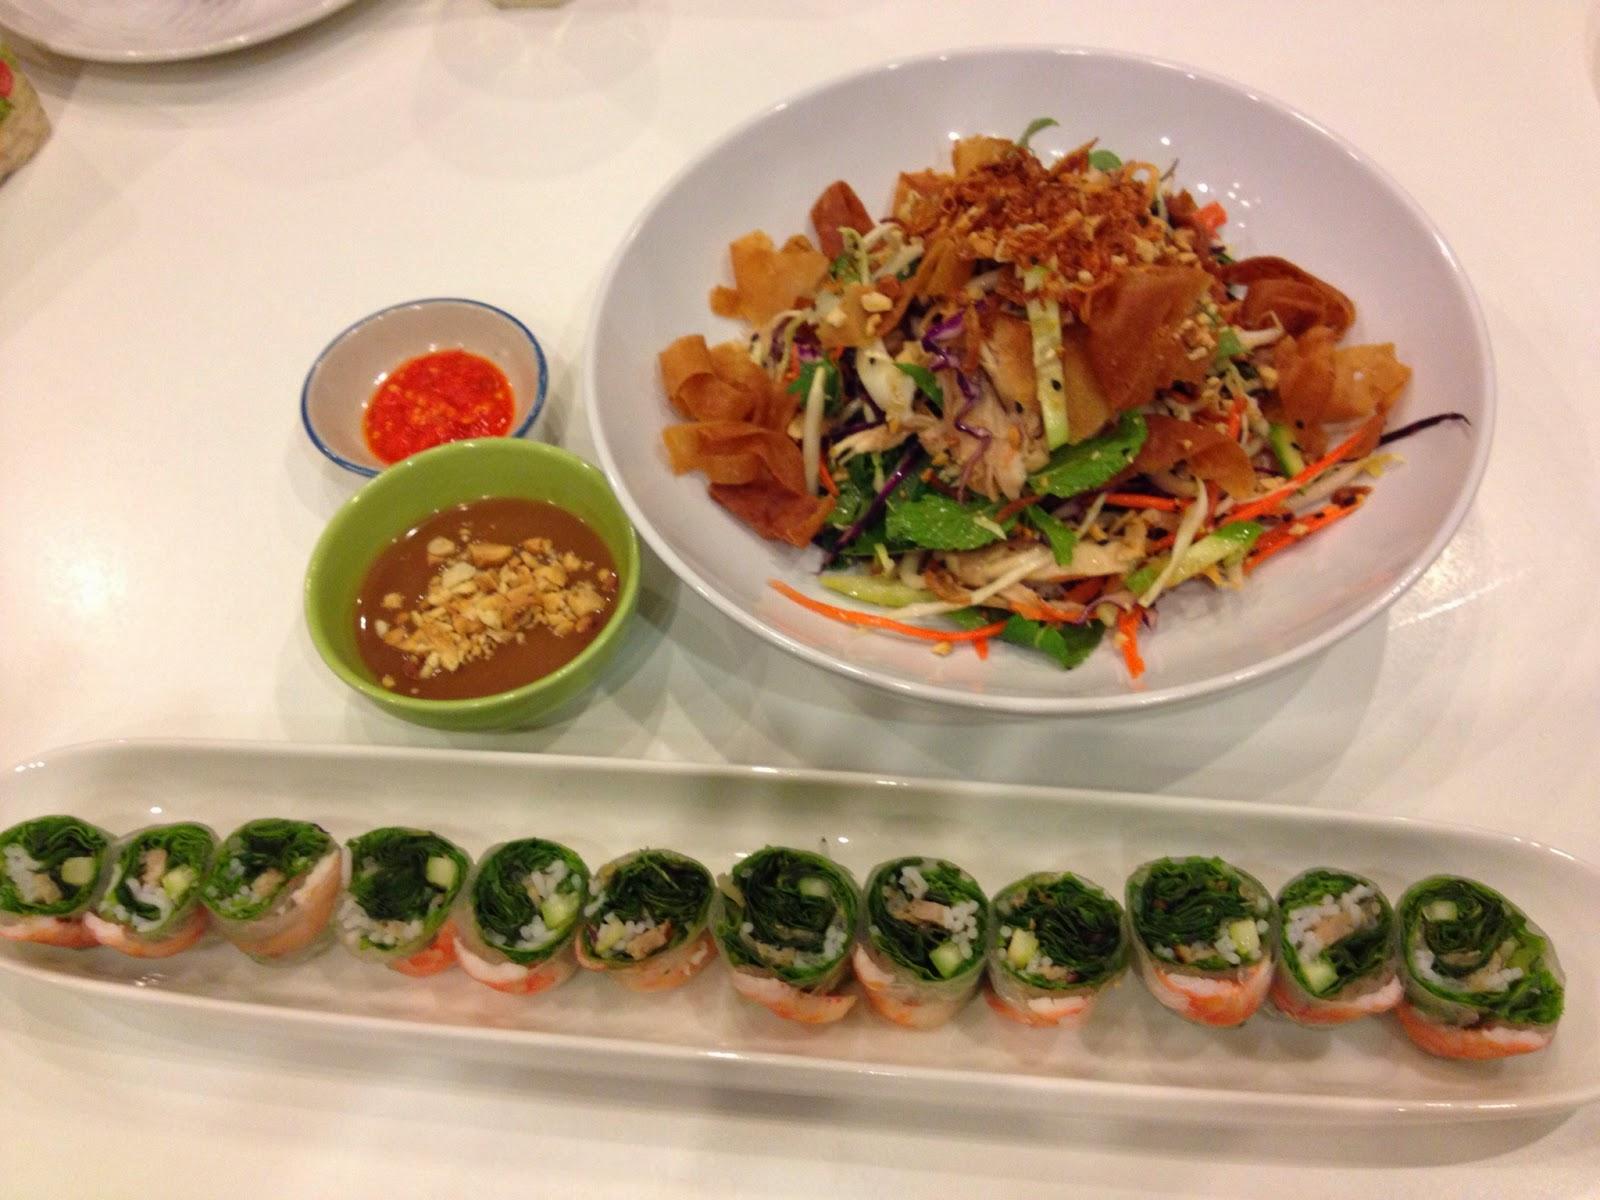 Bangkok - Fresh rolls and salad at Vietnamese and More restaurant